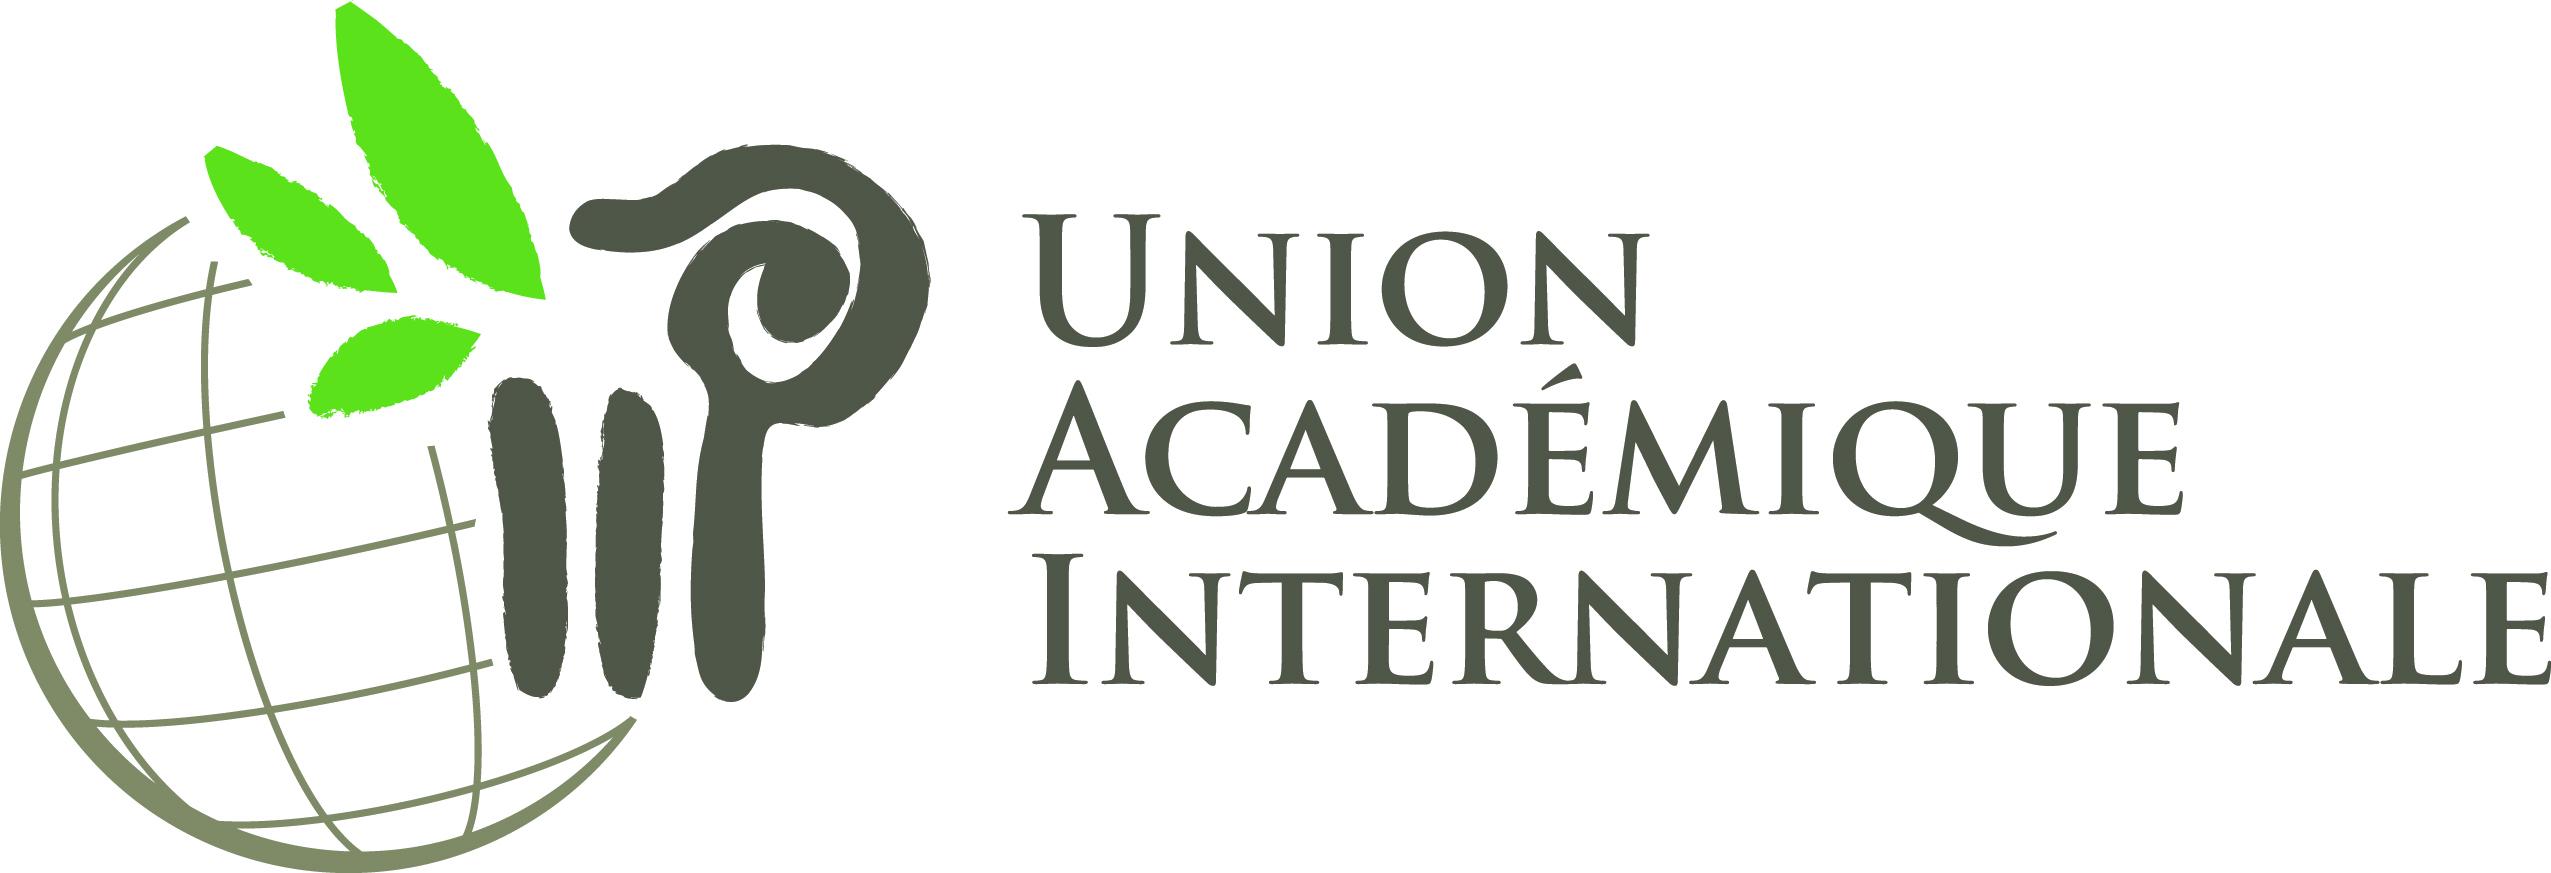 Union académique internationale